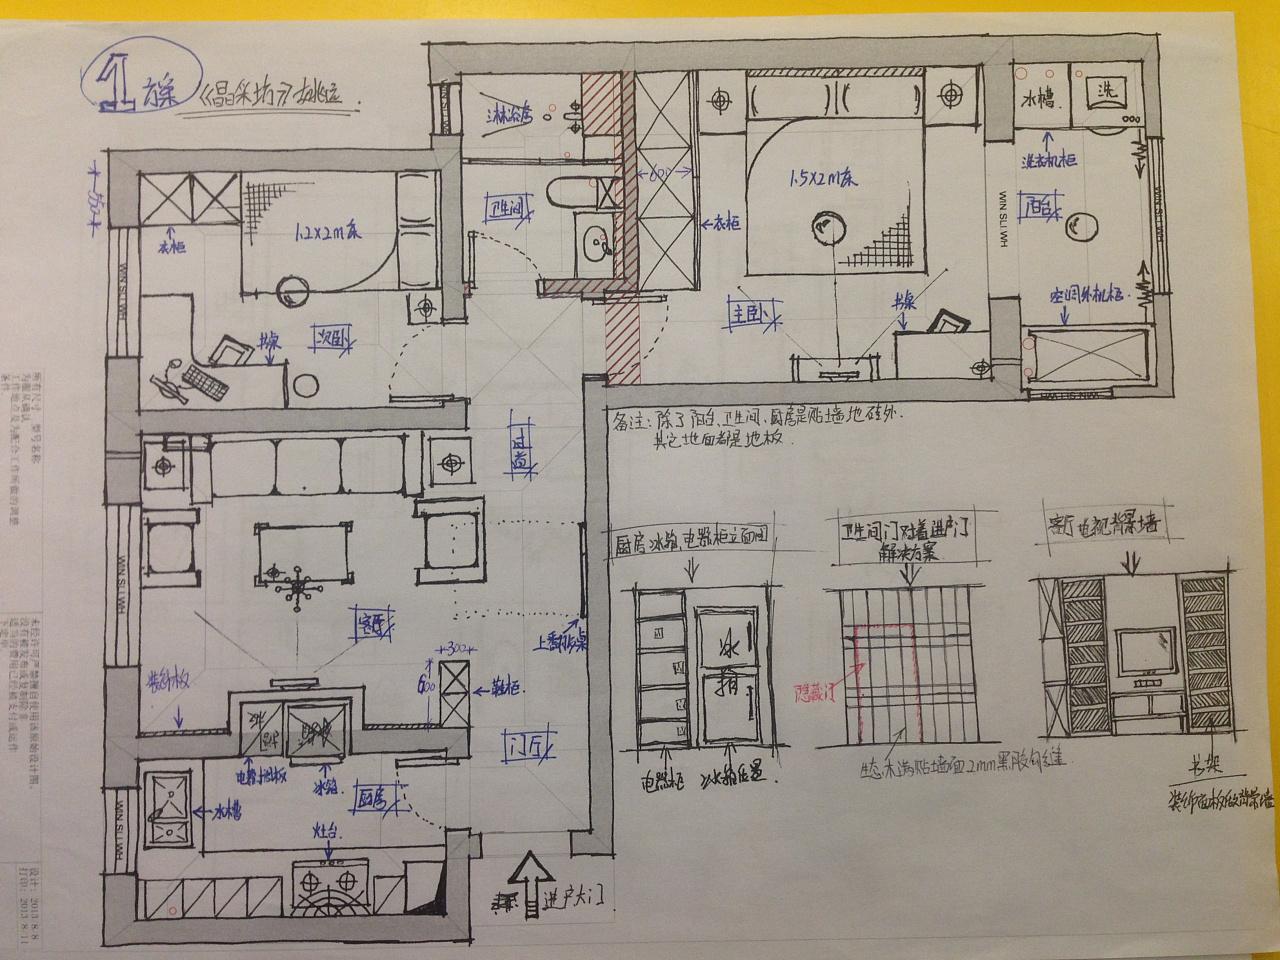 手绘商定平面方案|空间|室内设计|白头鹰 - 原创作品